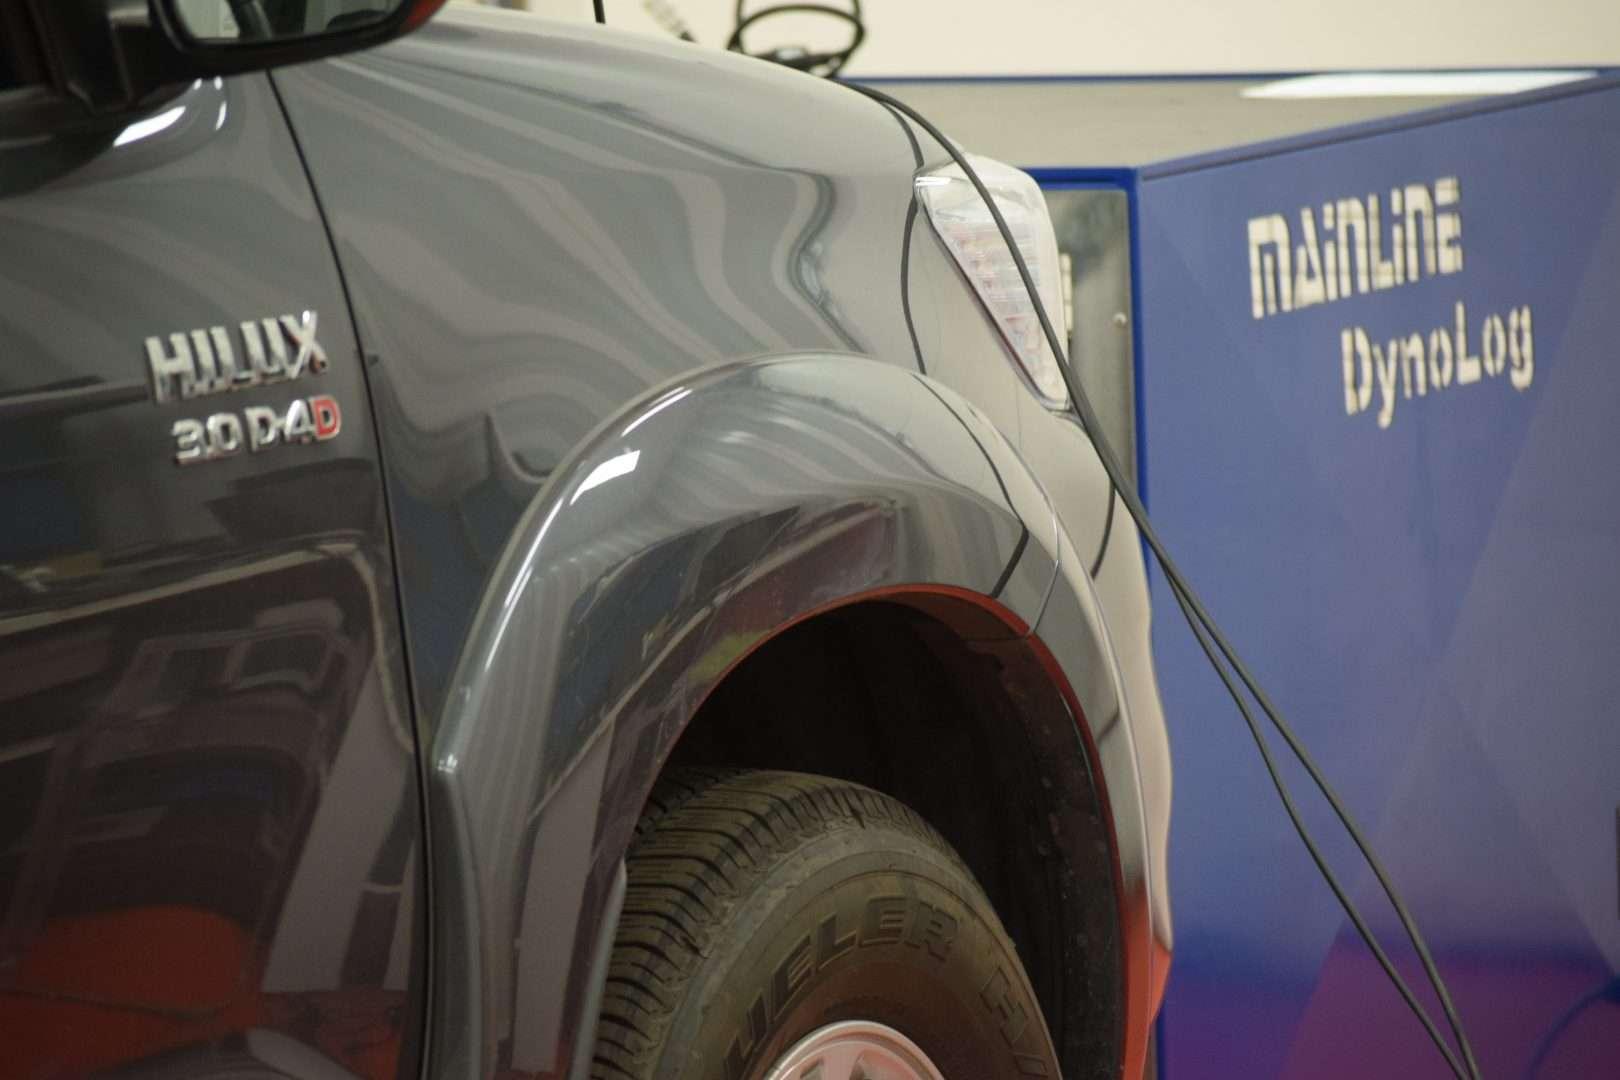 Toyota Hilux 3 0 D4d 3 0l 120 Kw Ecu Remap